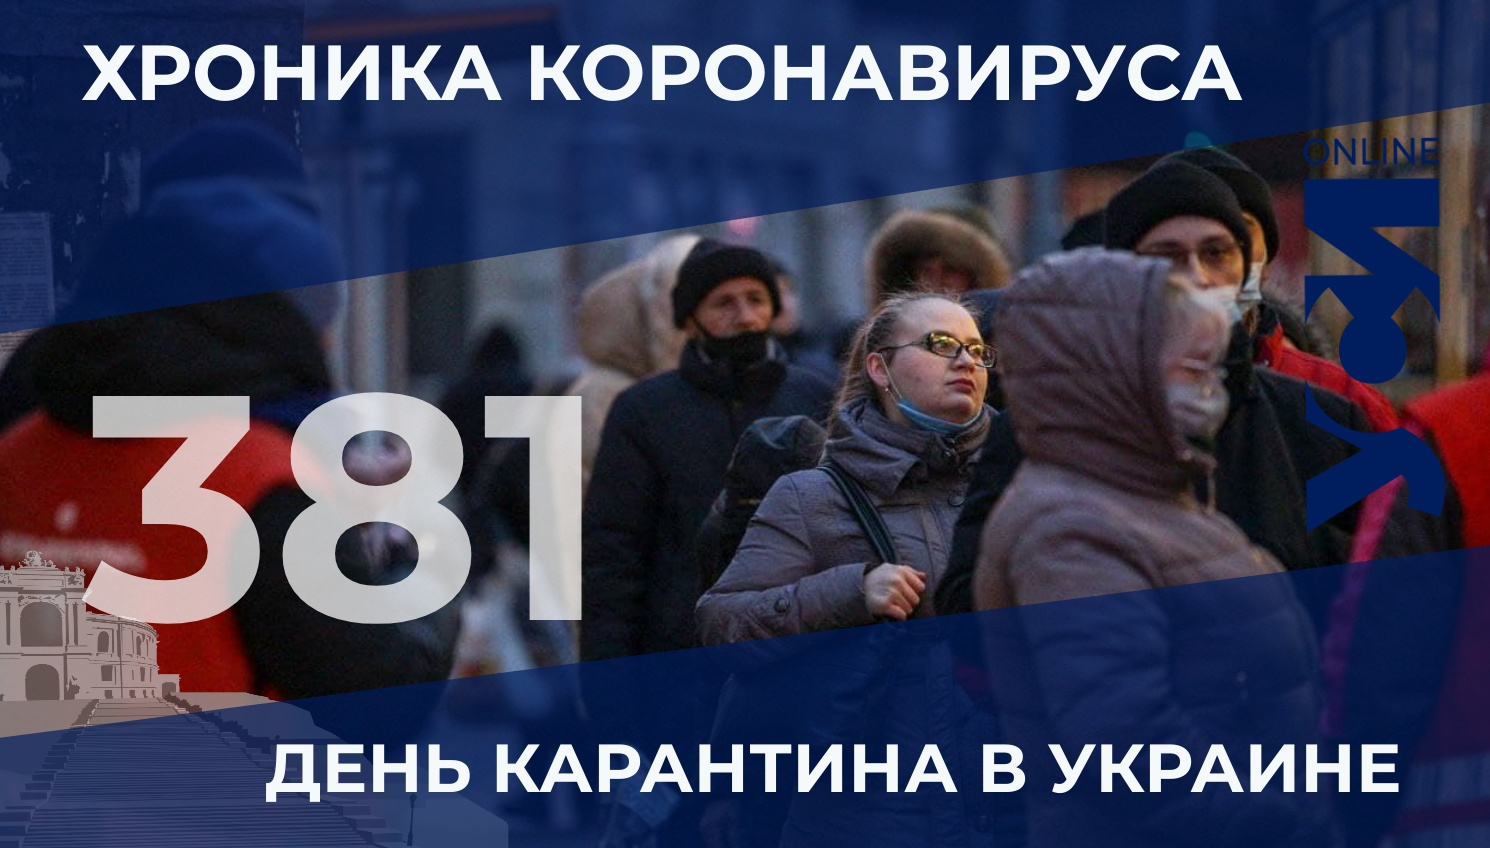 Хроника коронавируса: Одесская область — снова в лидерах по заболеваемости «фото»